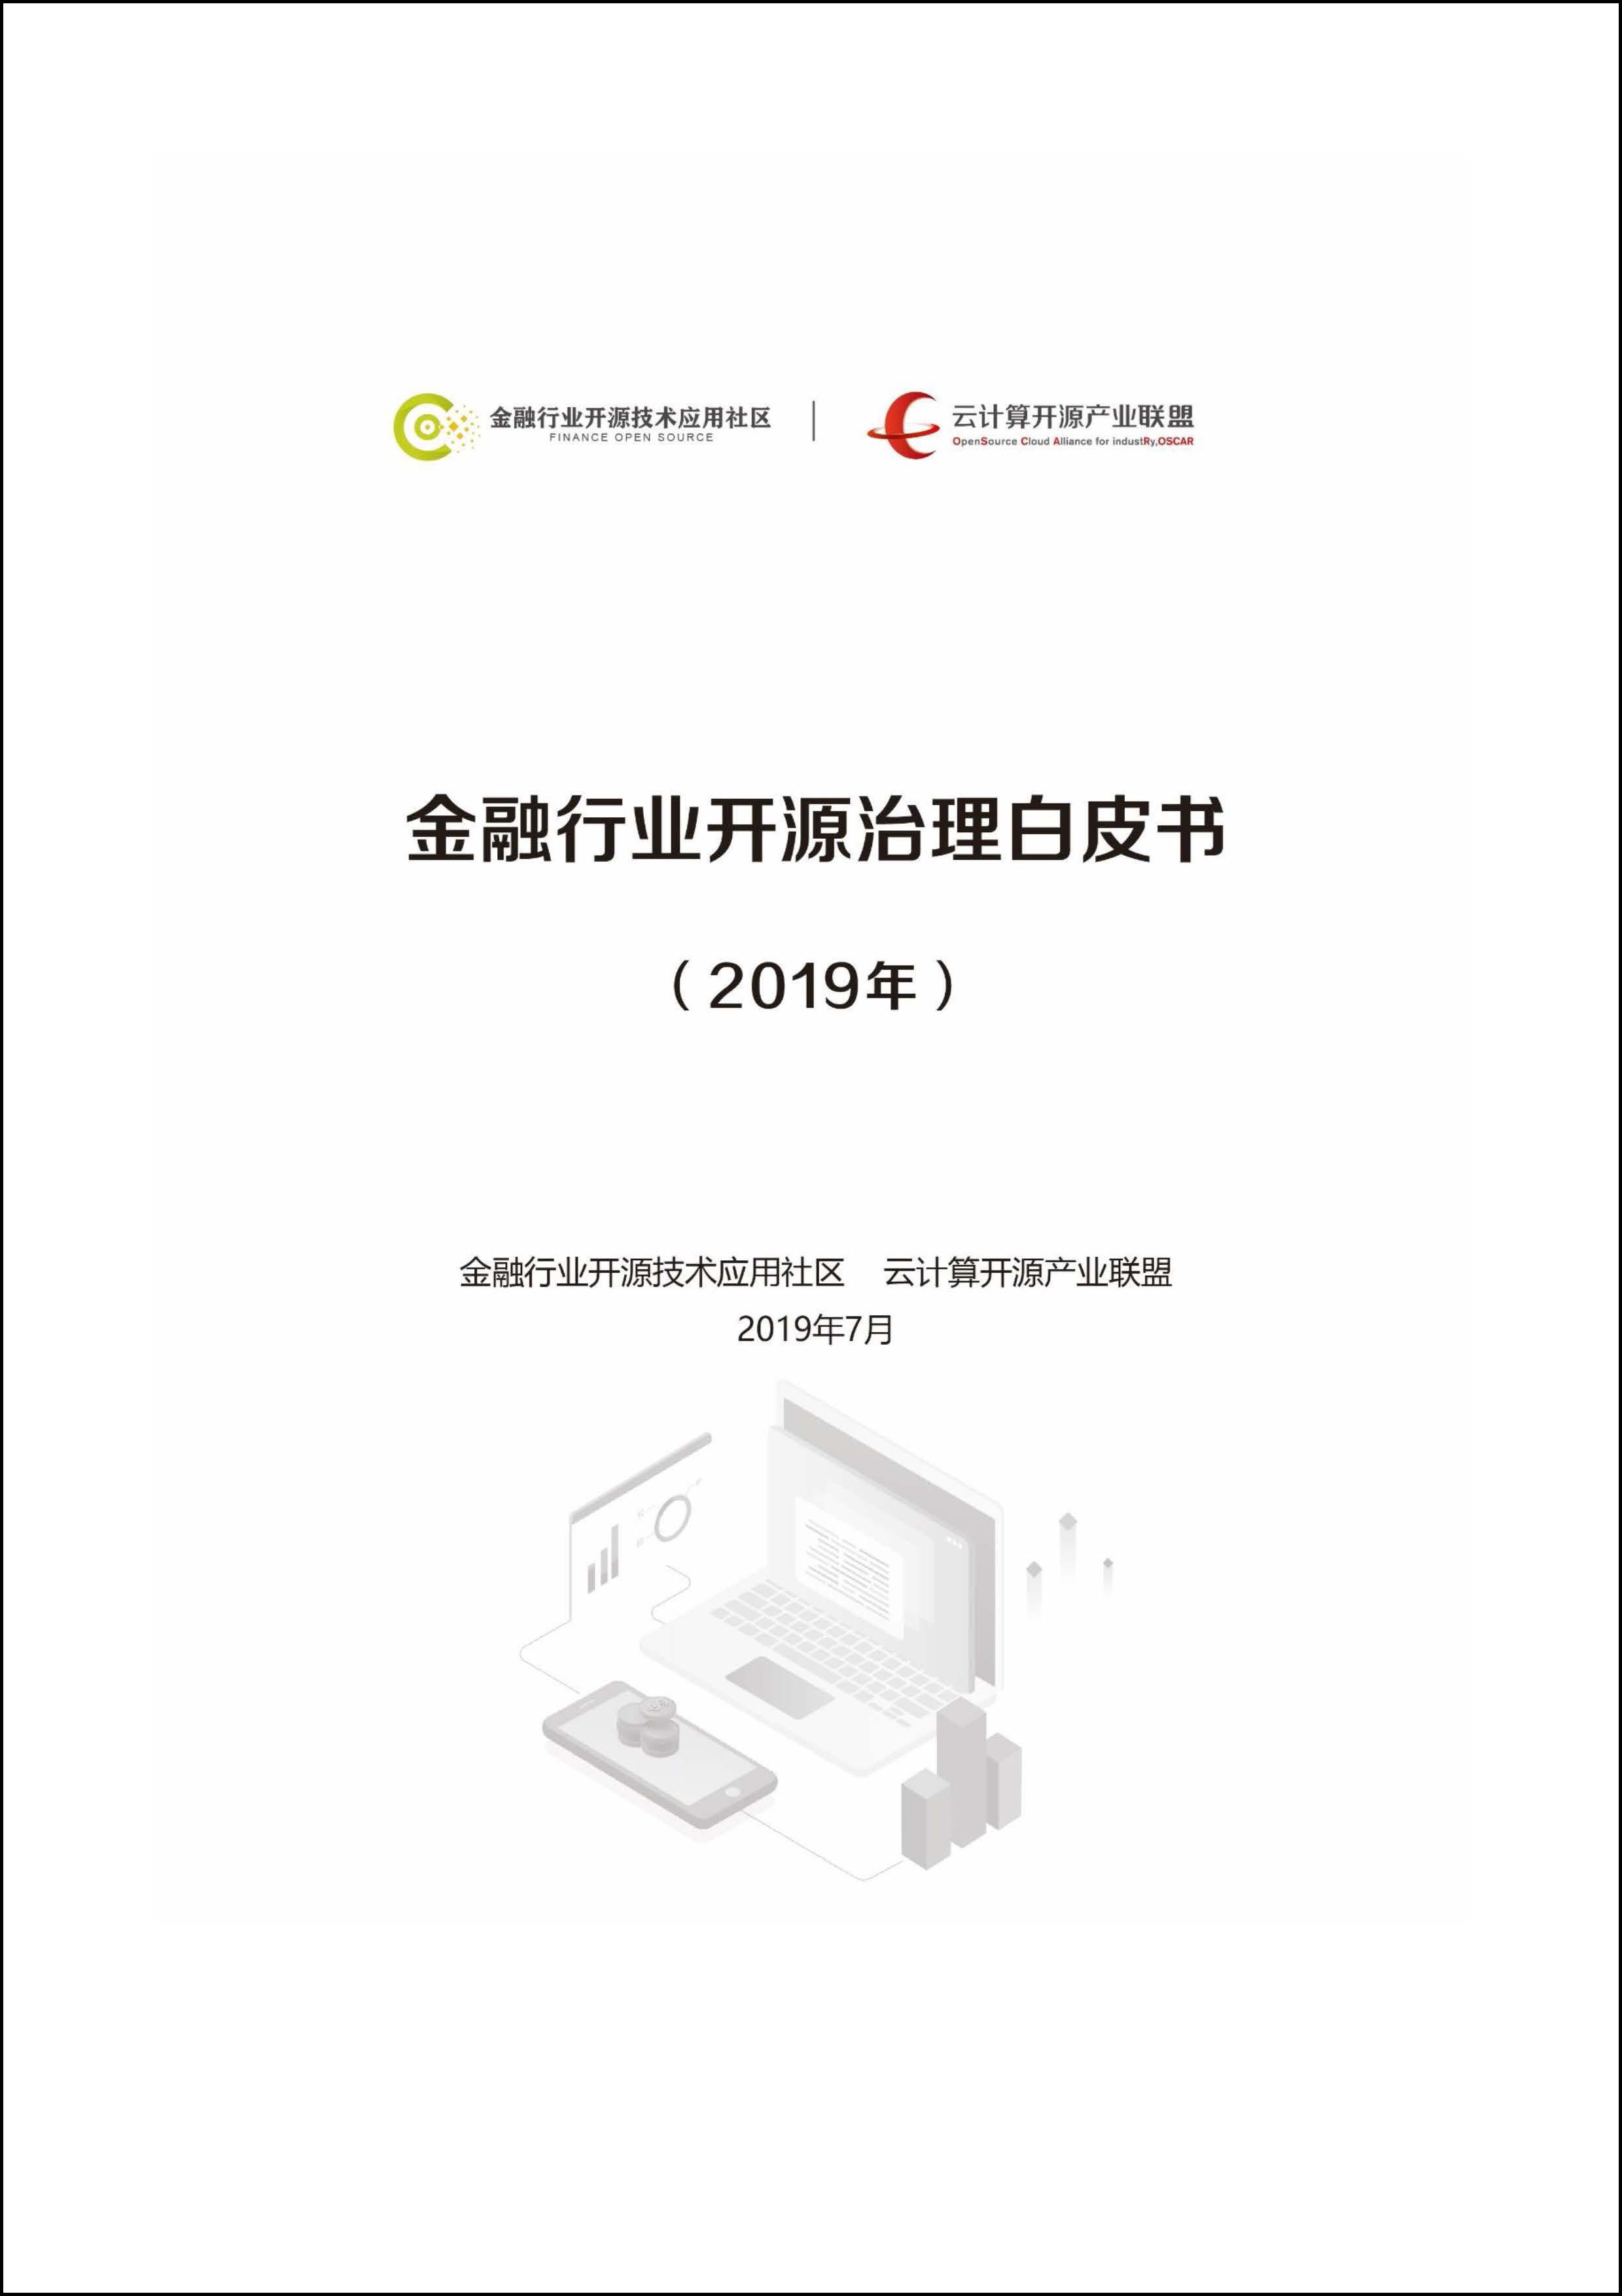 企业科技创新的意义_中国信通院-研究成果-权威发布-白皮书